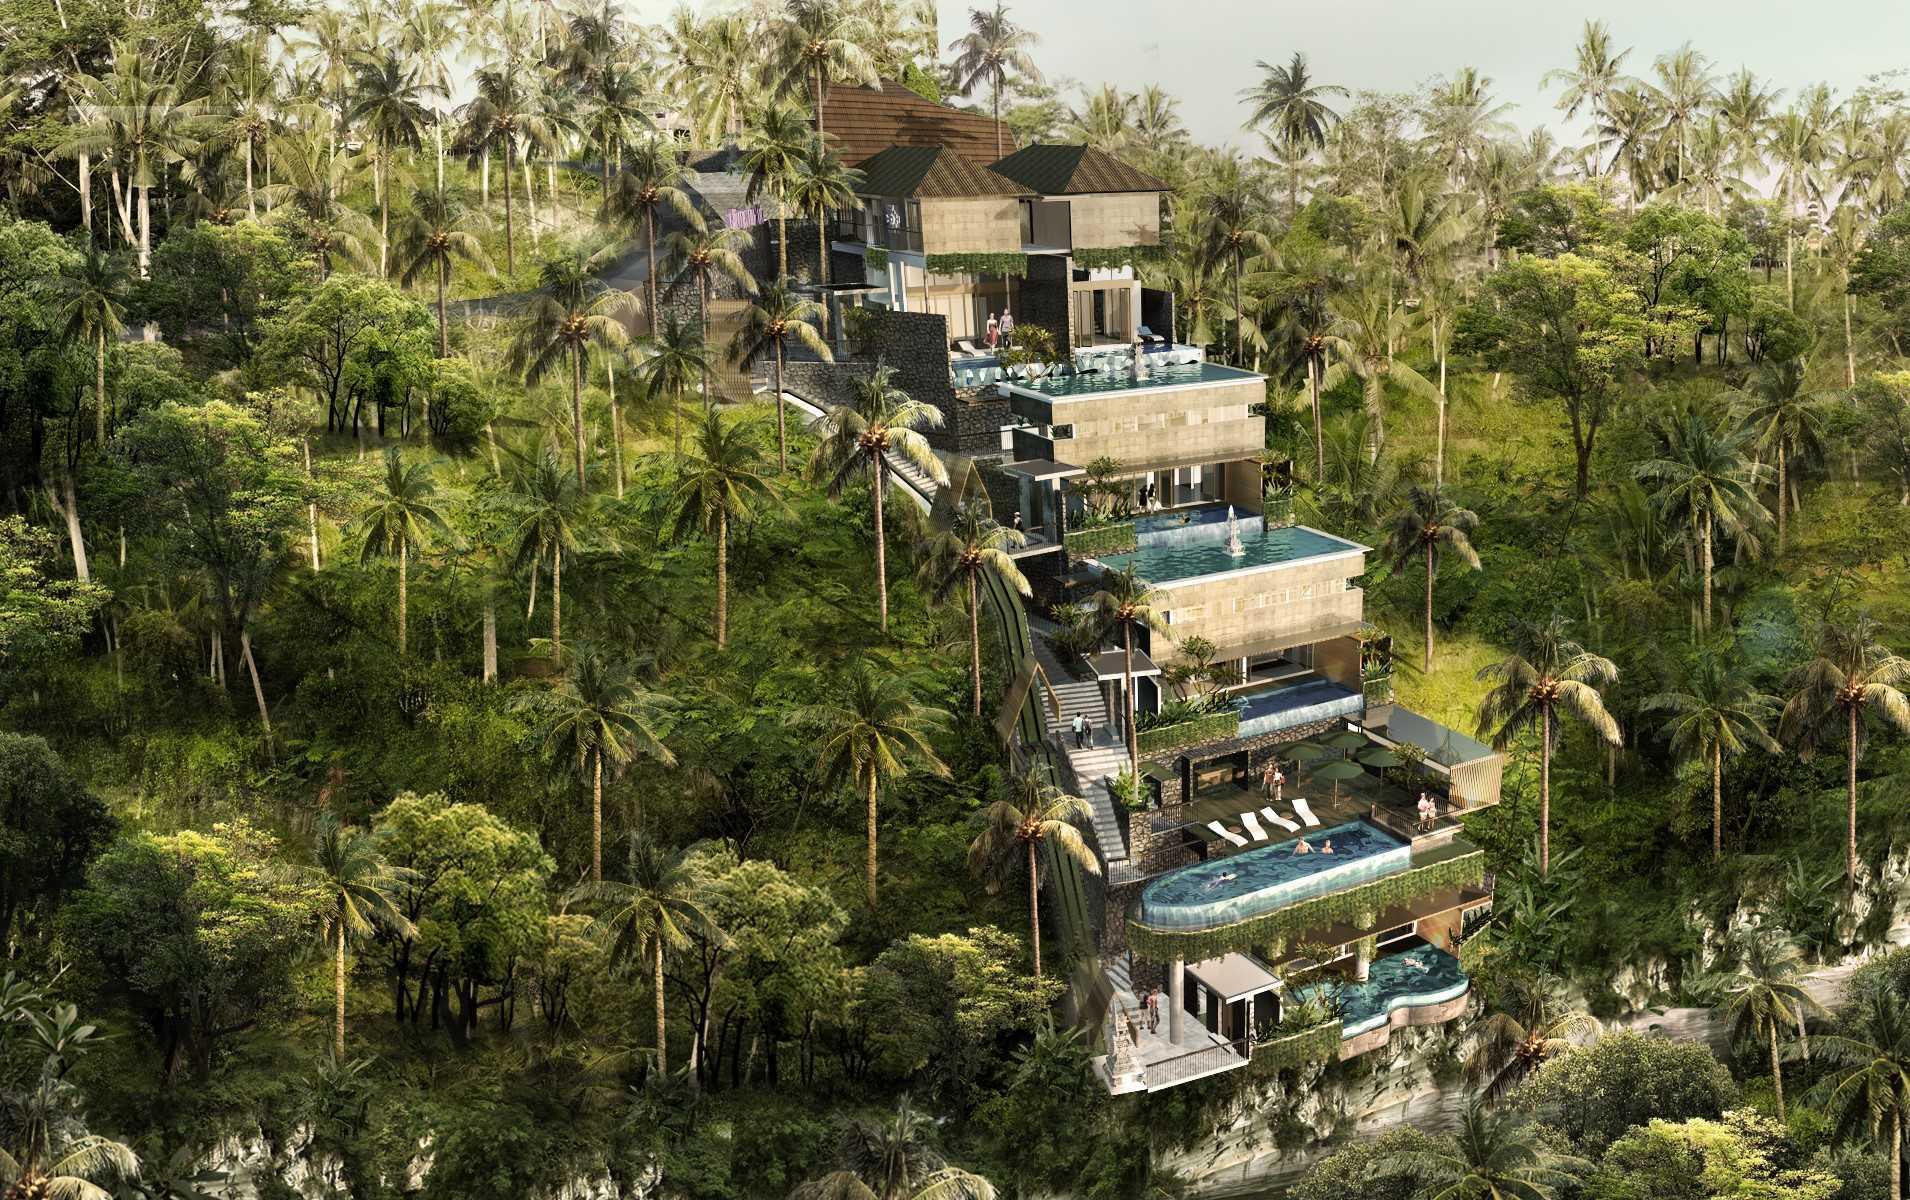 Ksad Dukuh Artvilla Ubud, Bali, Indonesia Ubud, Bali, Indonesia Bird Eye View Tropis  10225